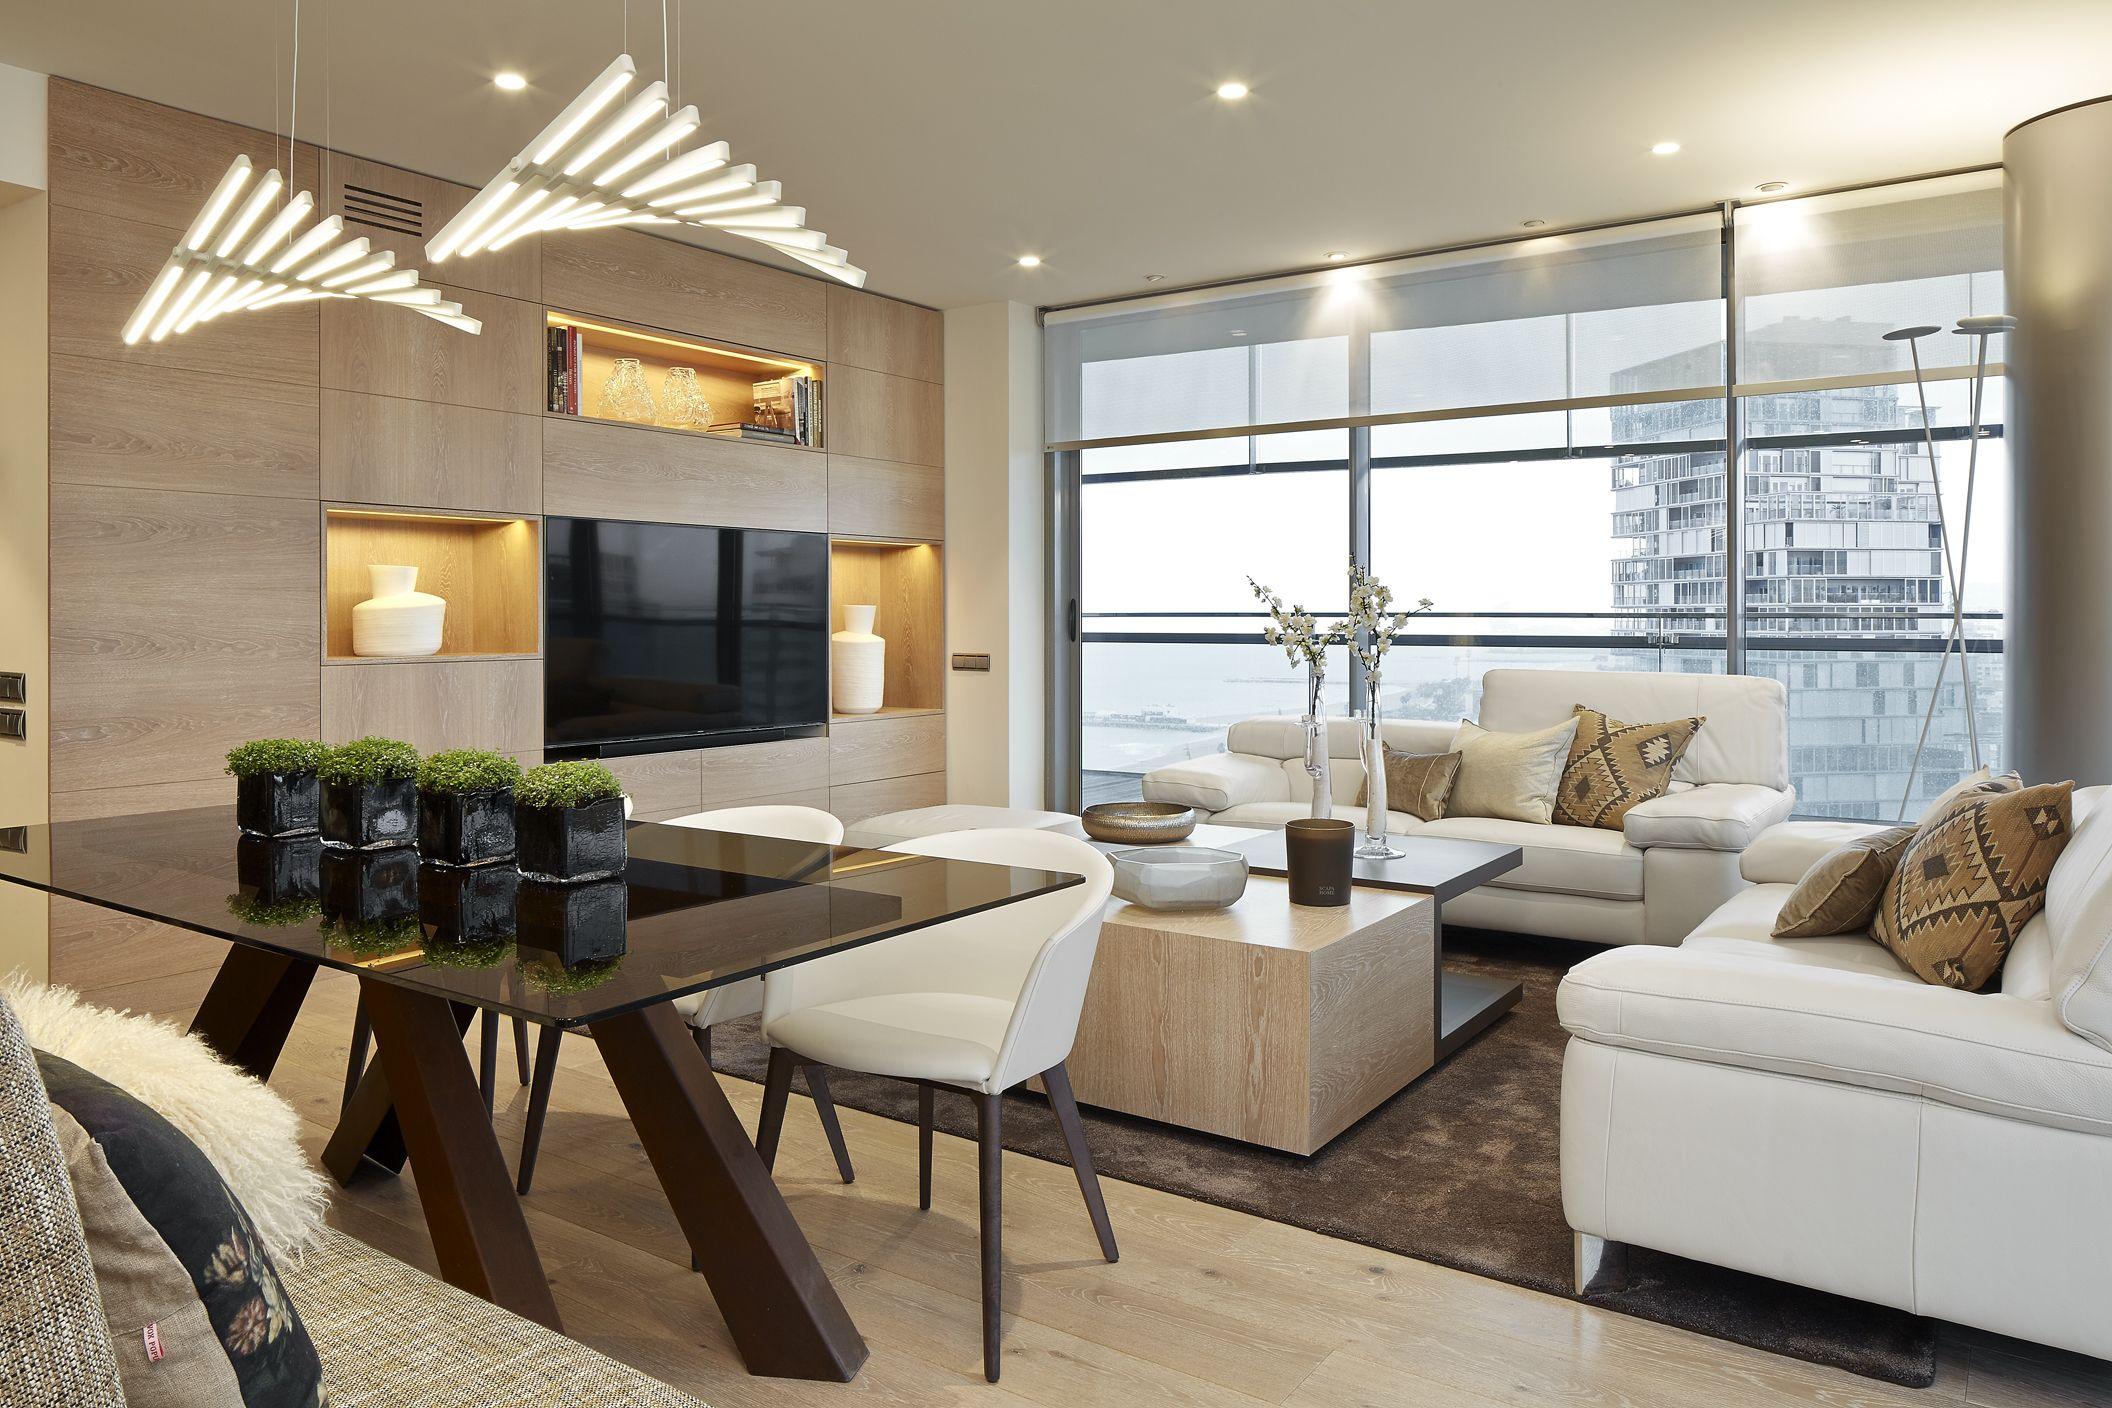 funktionalen Essplatz Sitzbank zwei Stühle und Esstisch mit Glasplatte Wohnen Pinterest